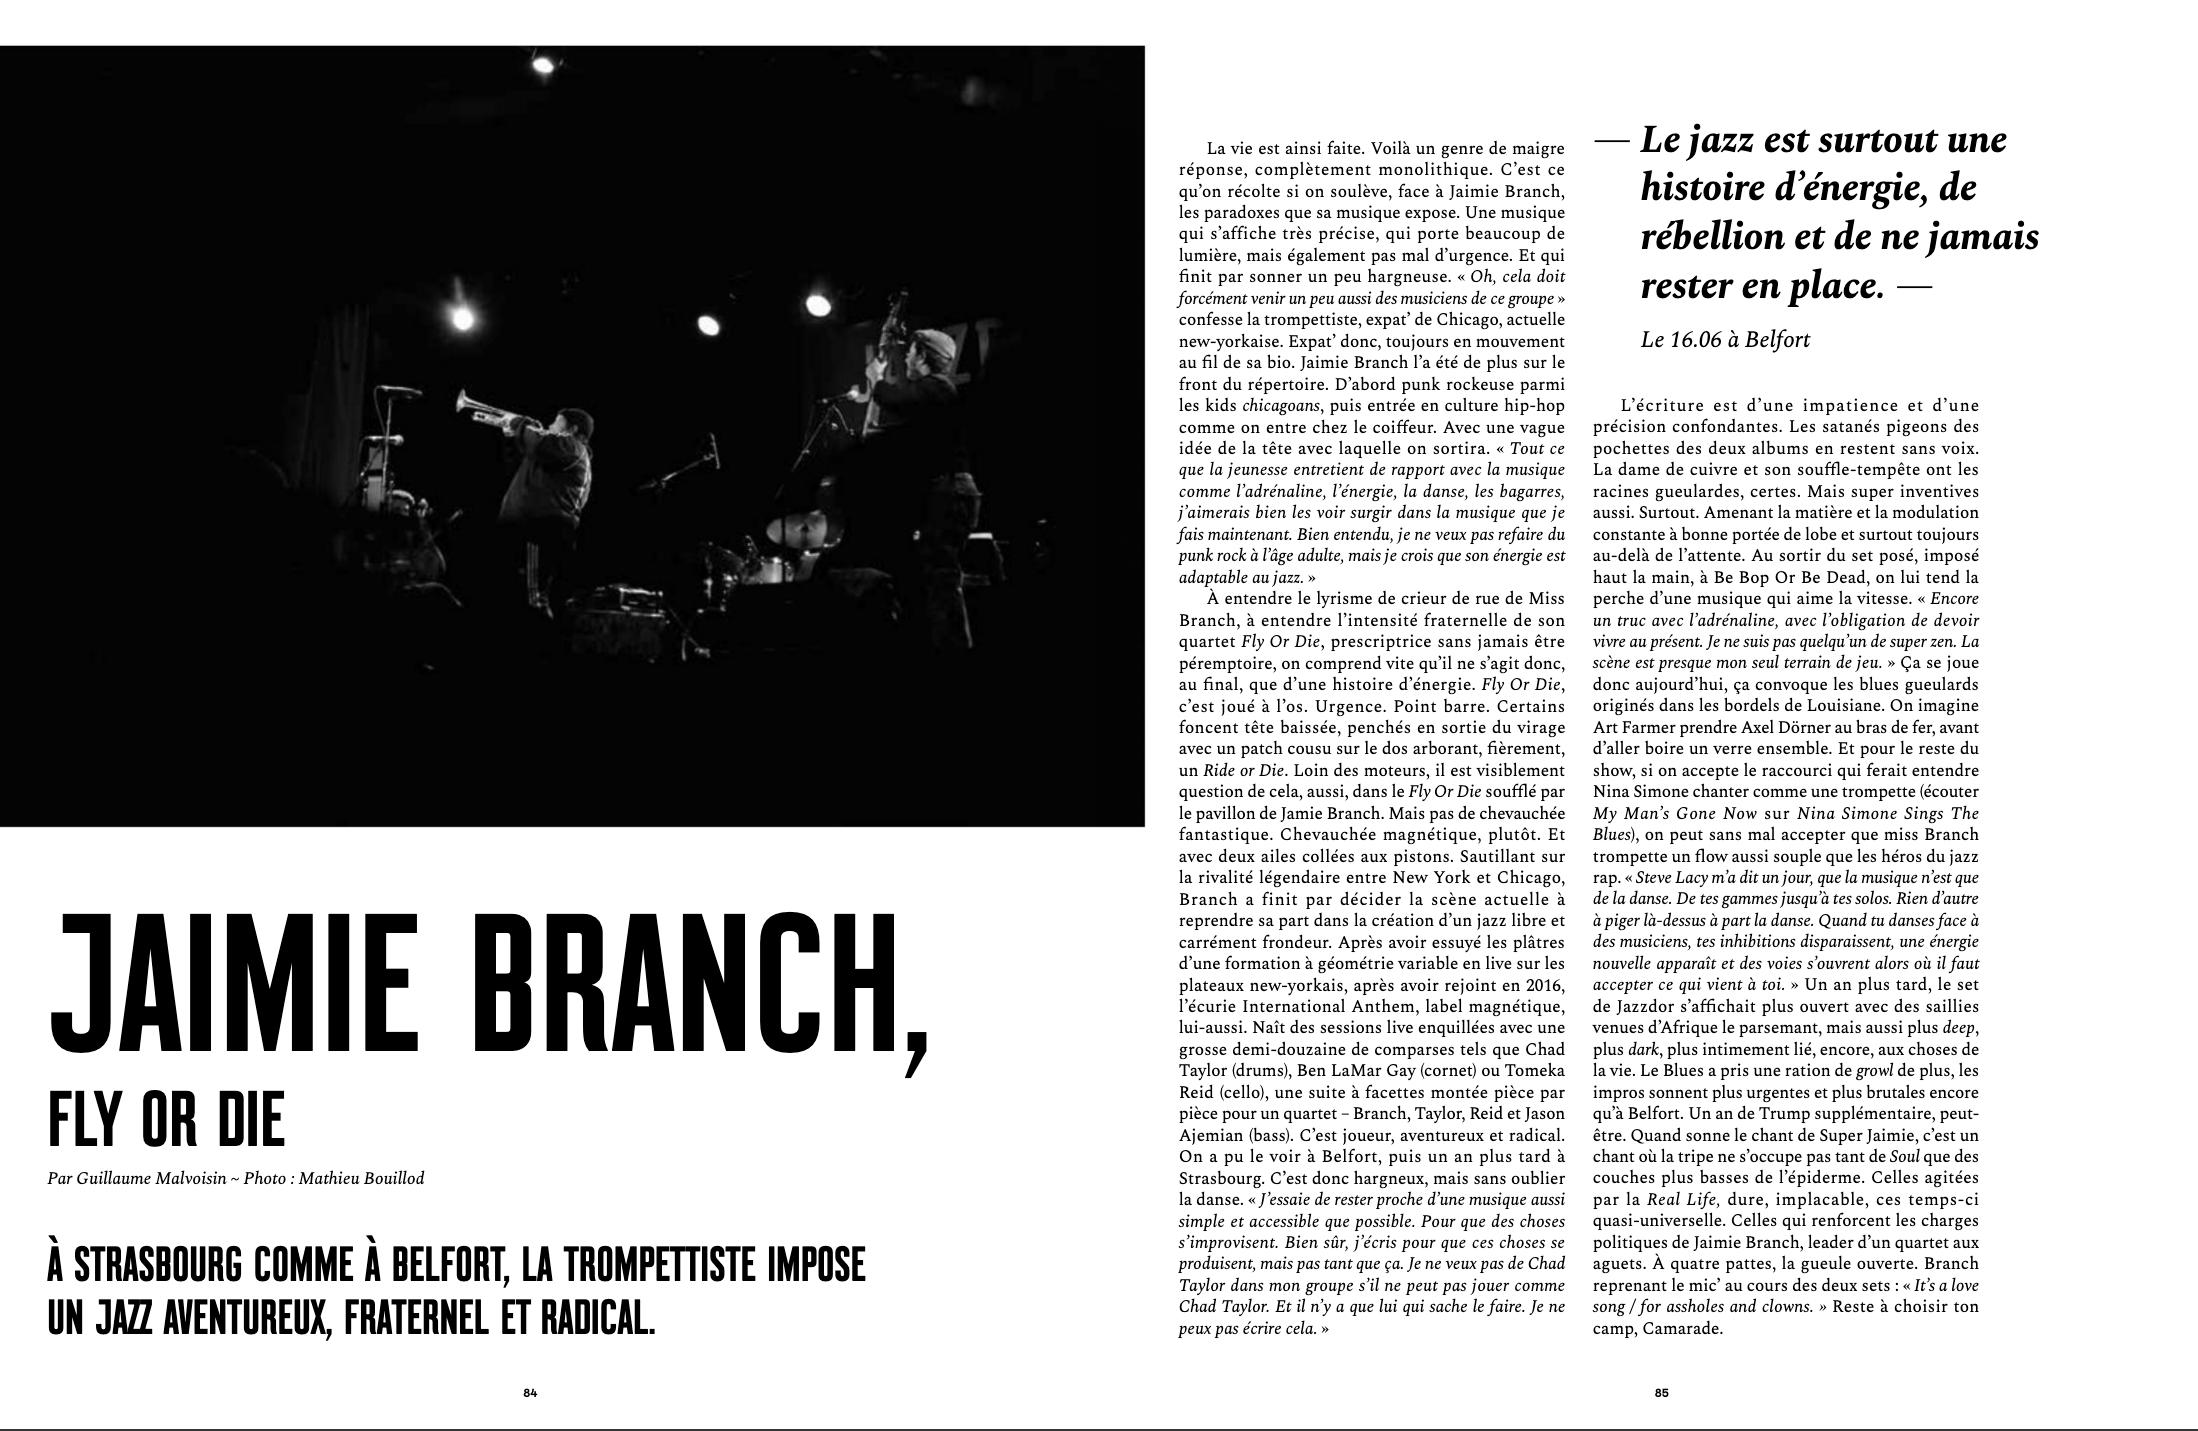 Portrait de Jaimie Branch paru dans les colonnes du magazine Novo #57.